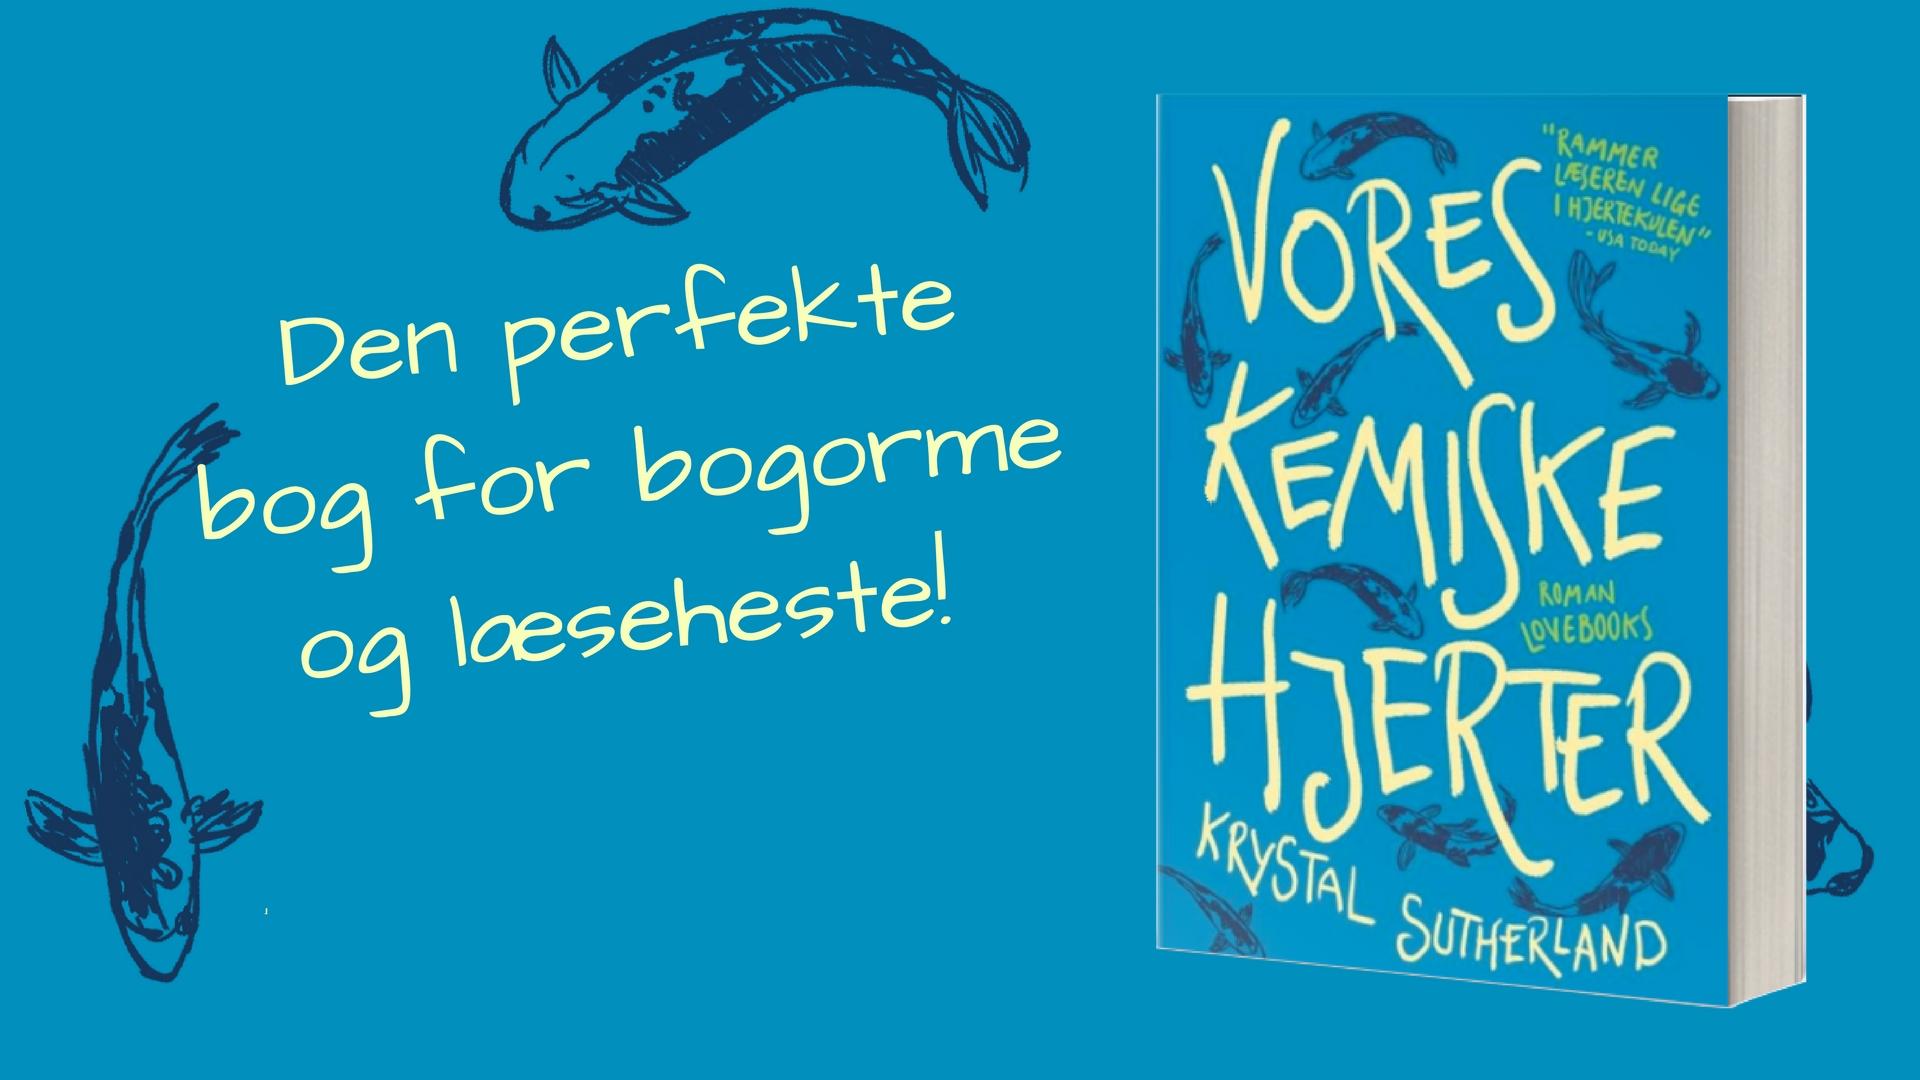 Den perfekte bog for bogorme og læseheste!